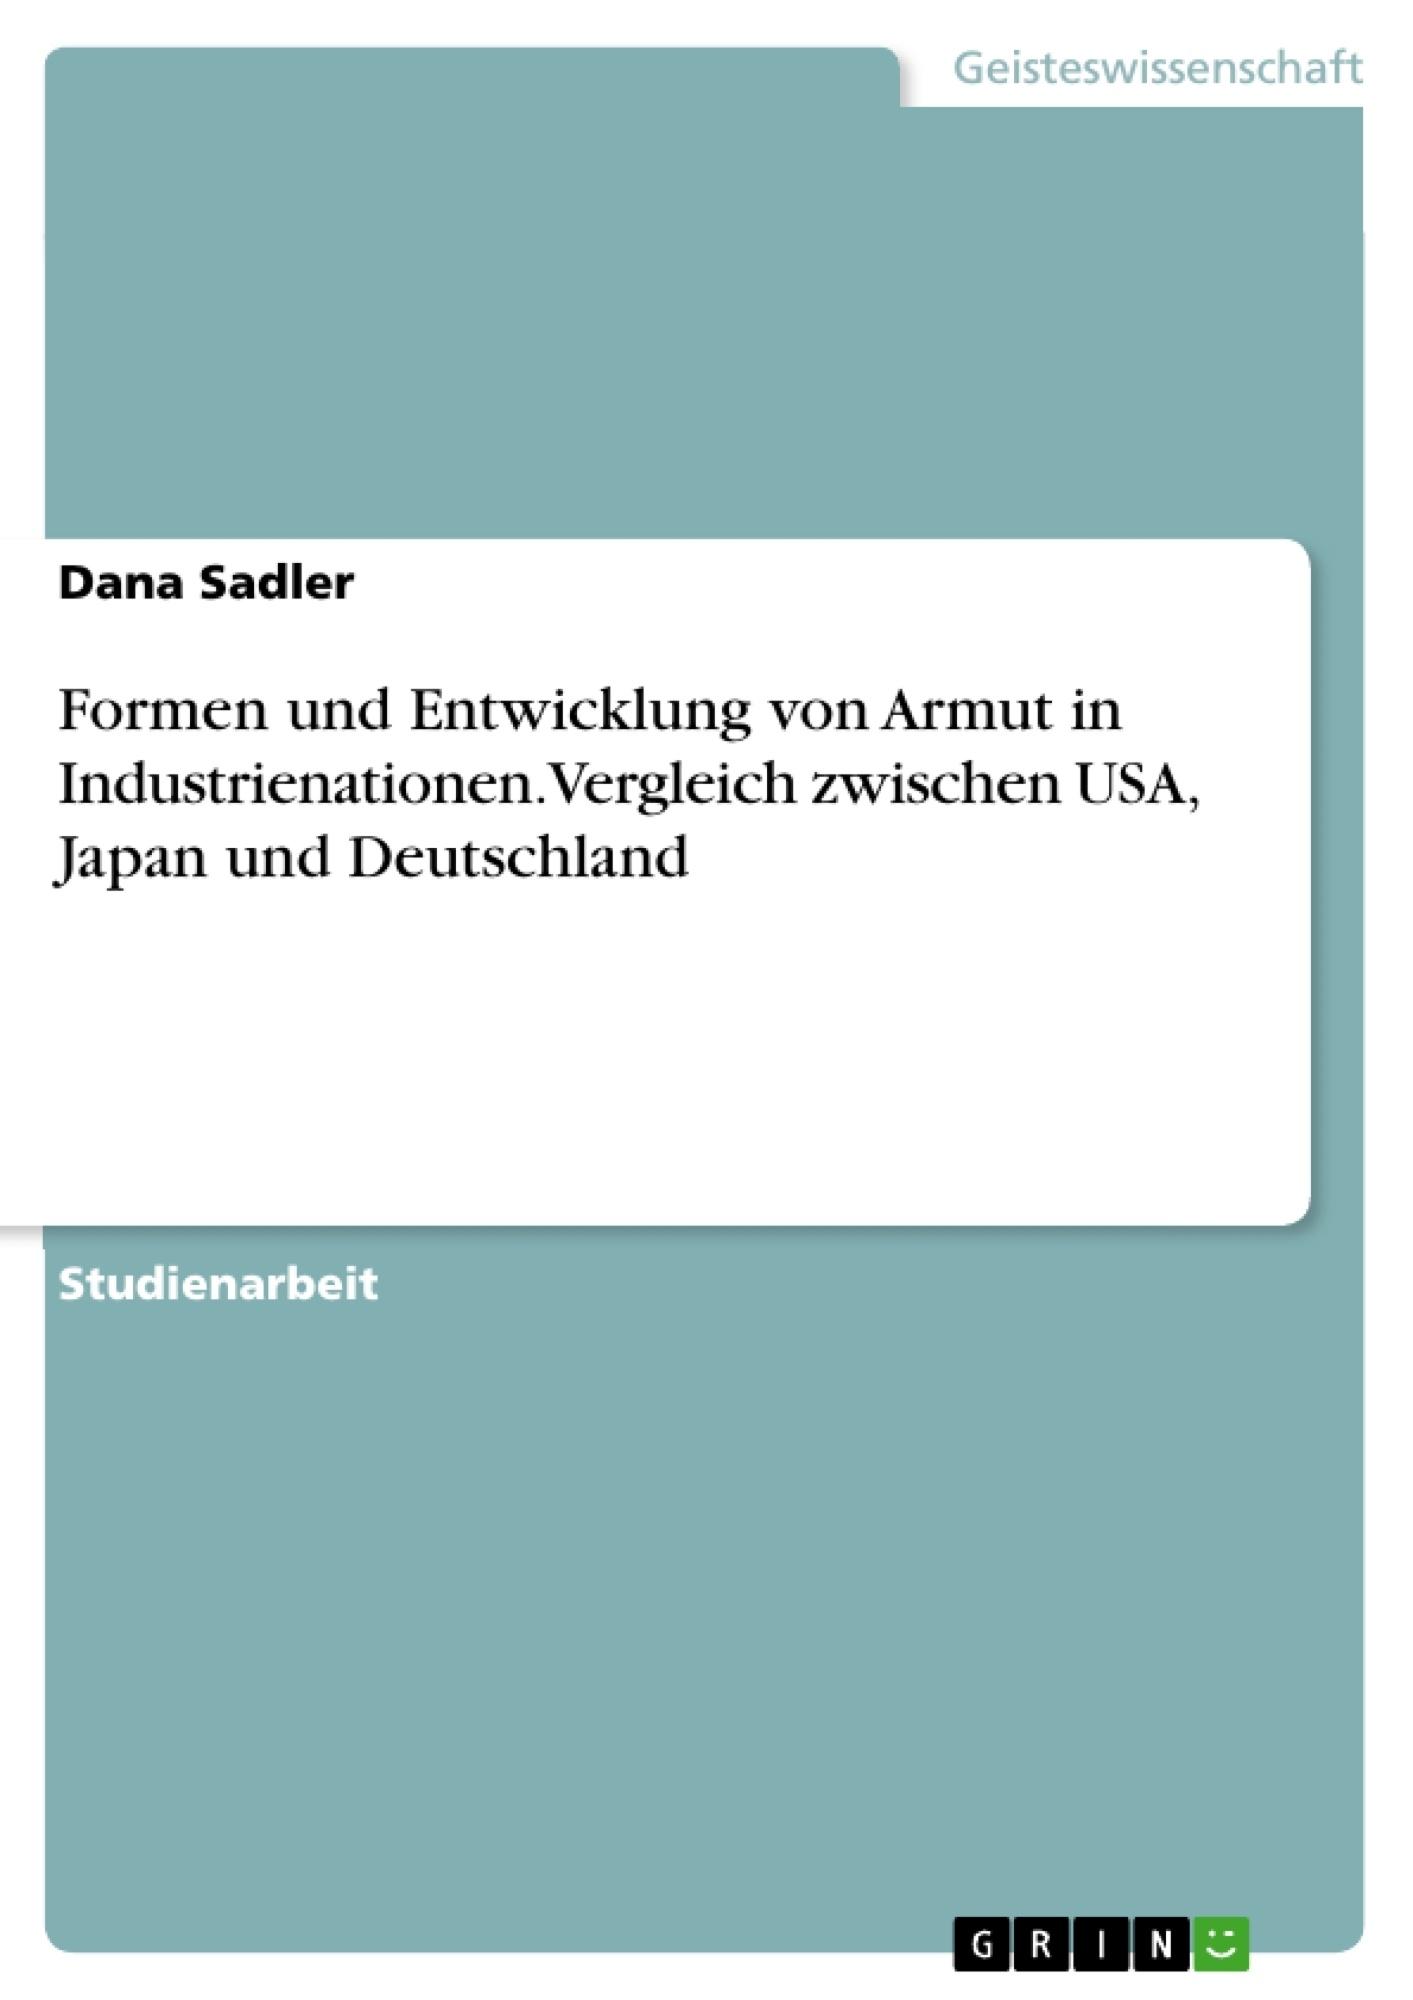 Titel: Formen und Entwicklung von Armut in Industrienationen. Vergleich zwischen USA, Japan und Deutschland